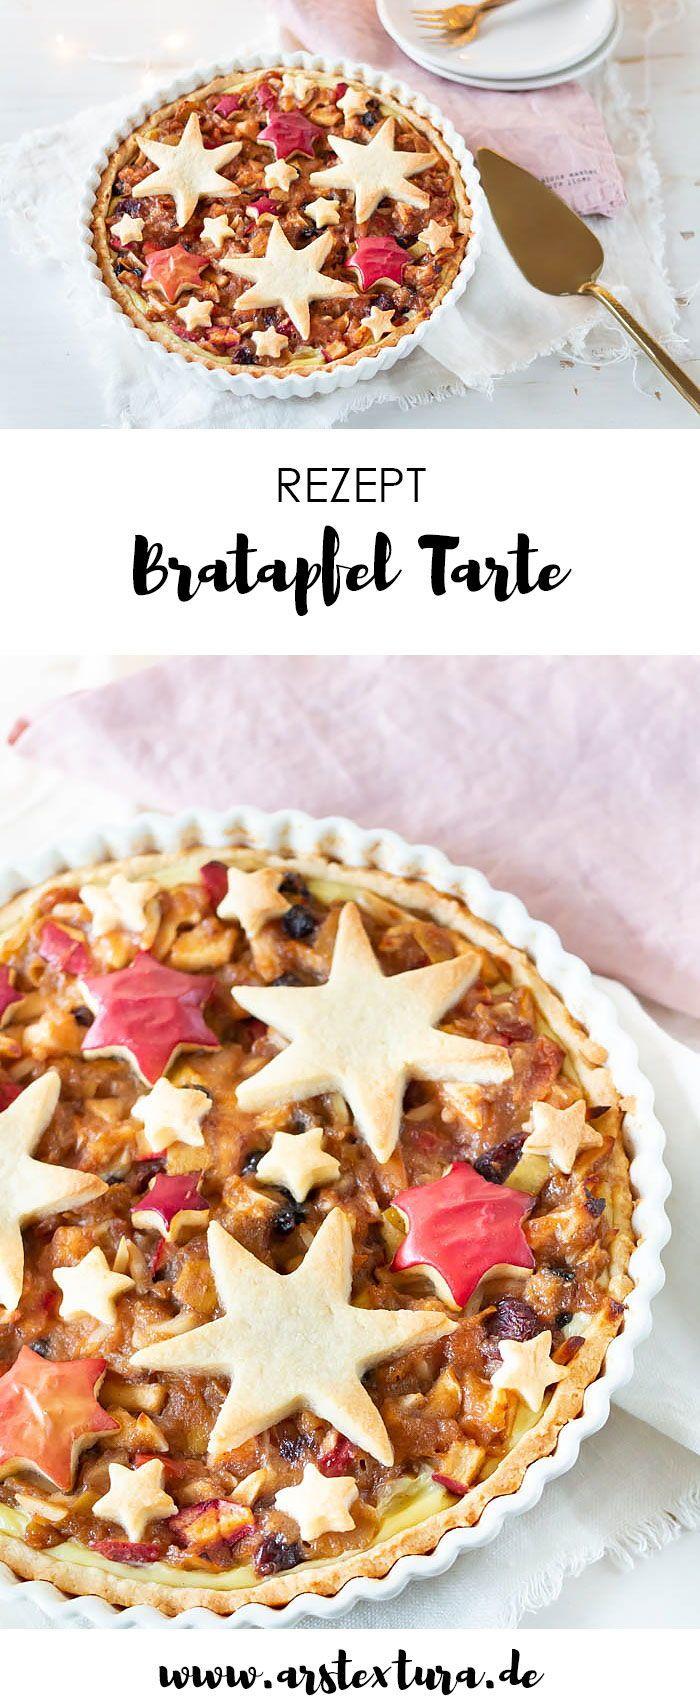 Weihnachtliche Bratapfel Tarte mit Sternen | ars textura – DIY-Blog